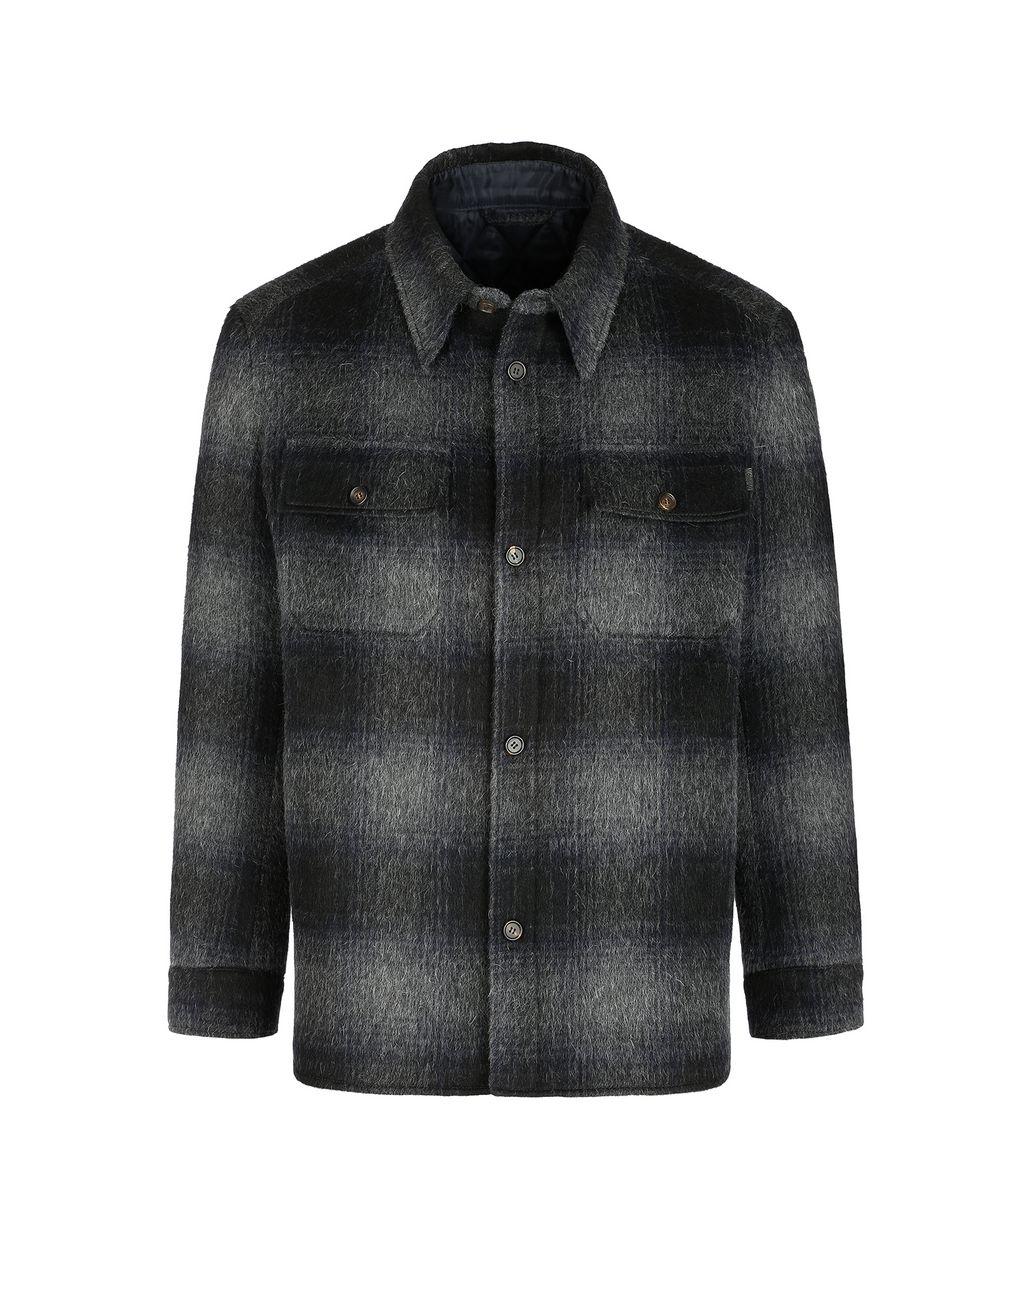 BRIONI Канадская куртка антрацитового цвета Верхняя одежда Для Мужчин f